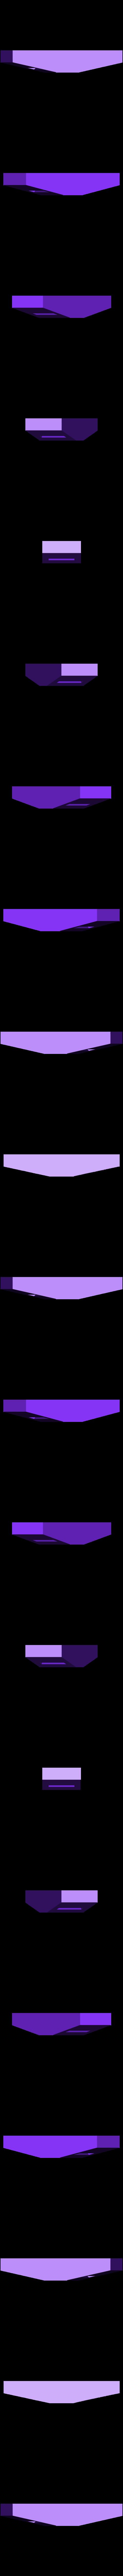 gt2_clip_v3.stl Télécharger fichier STL gratuit Tough Belt Clip • Design imprimable en 3D, MGX